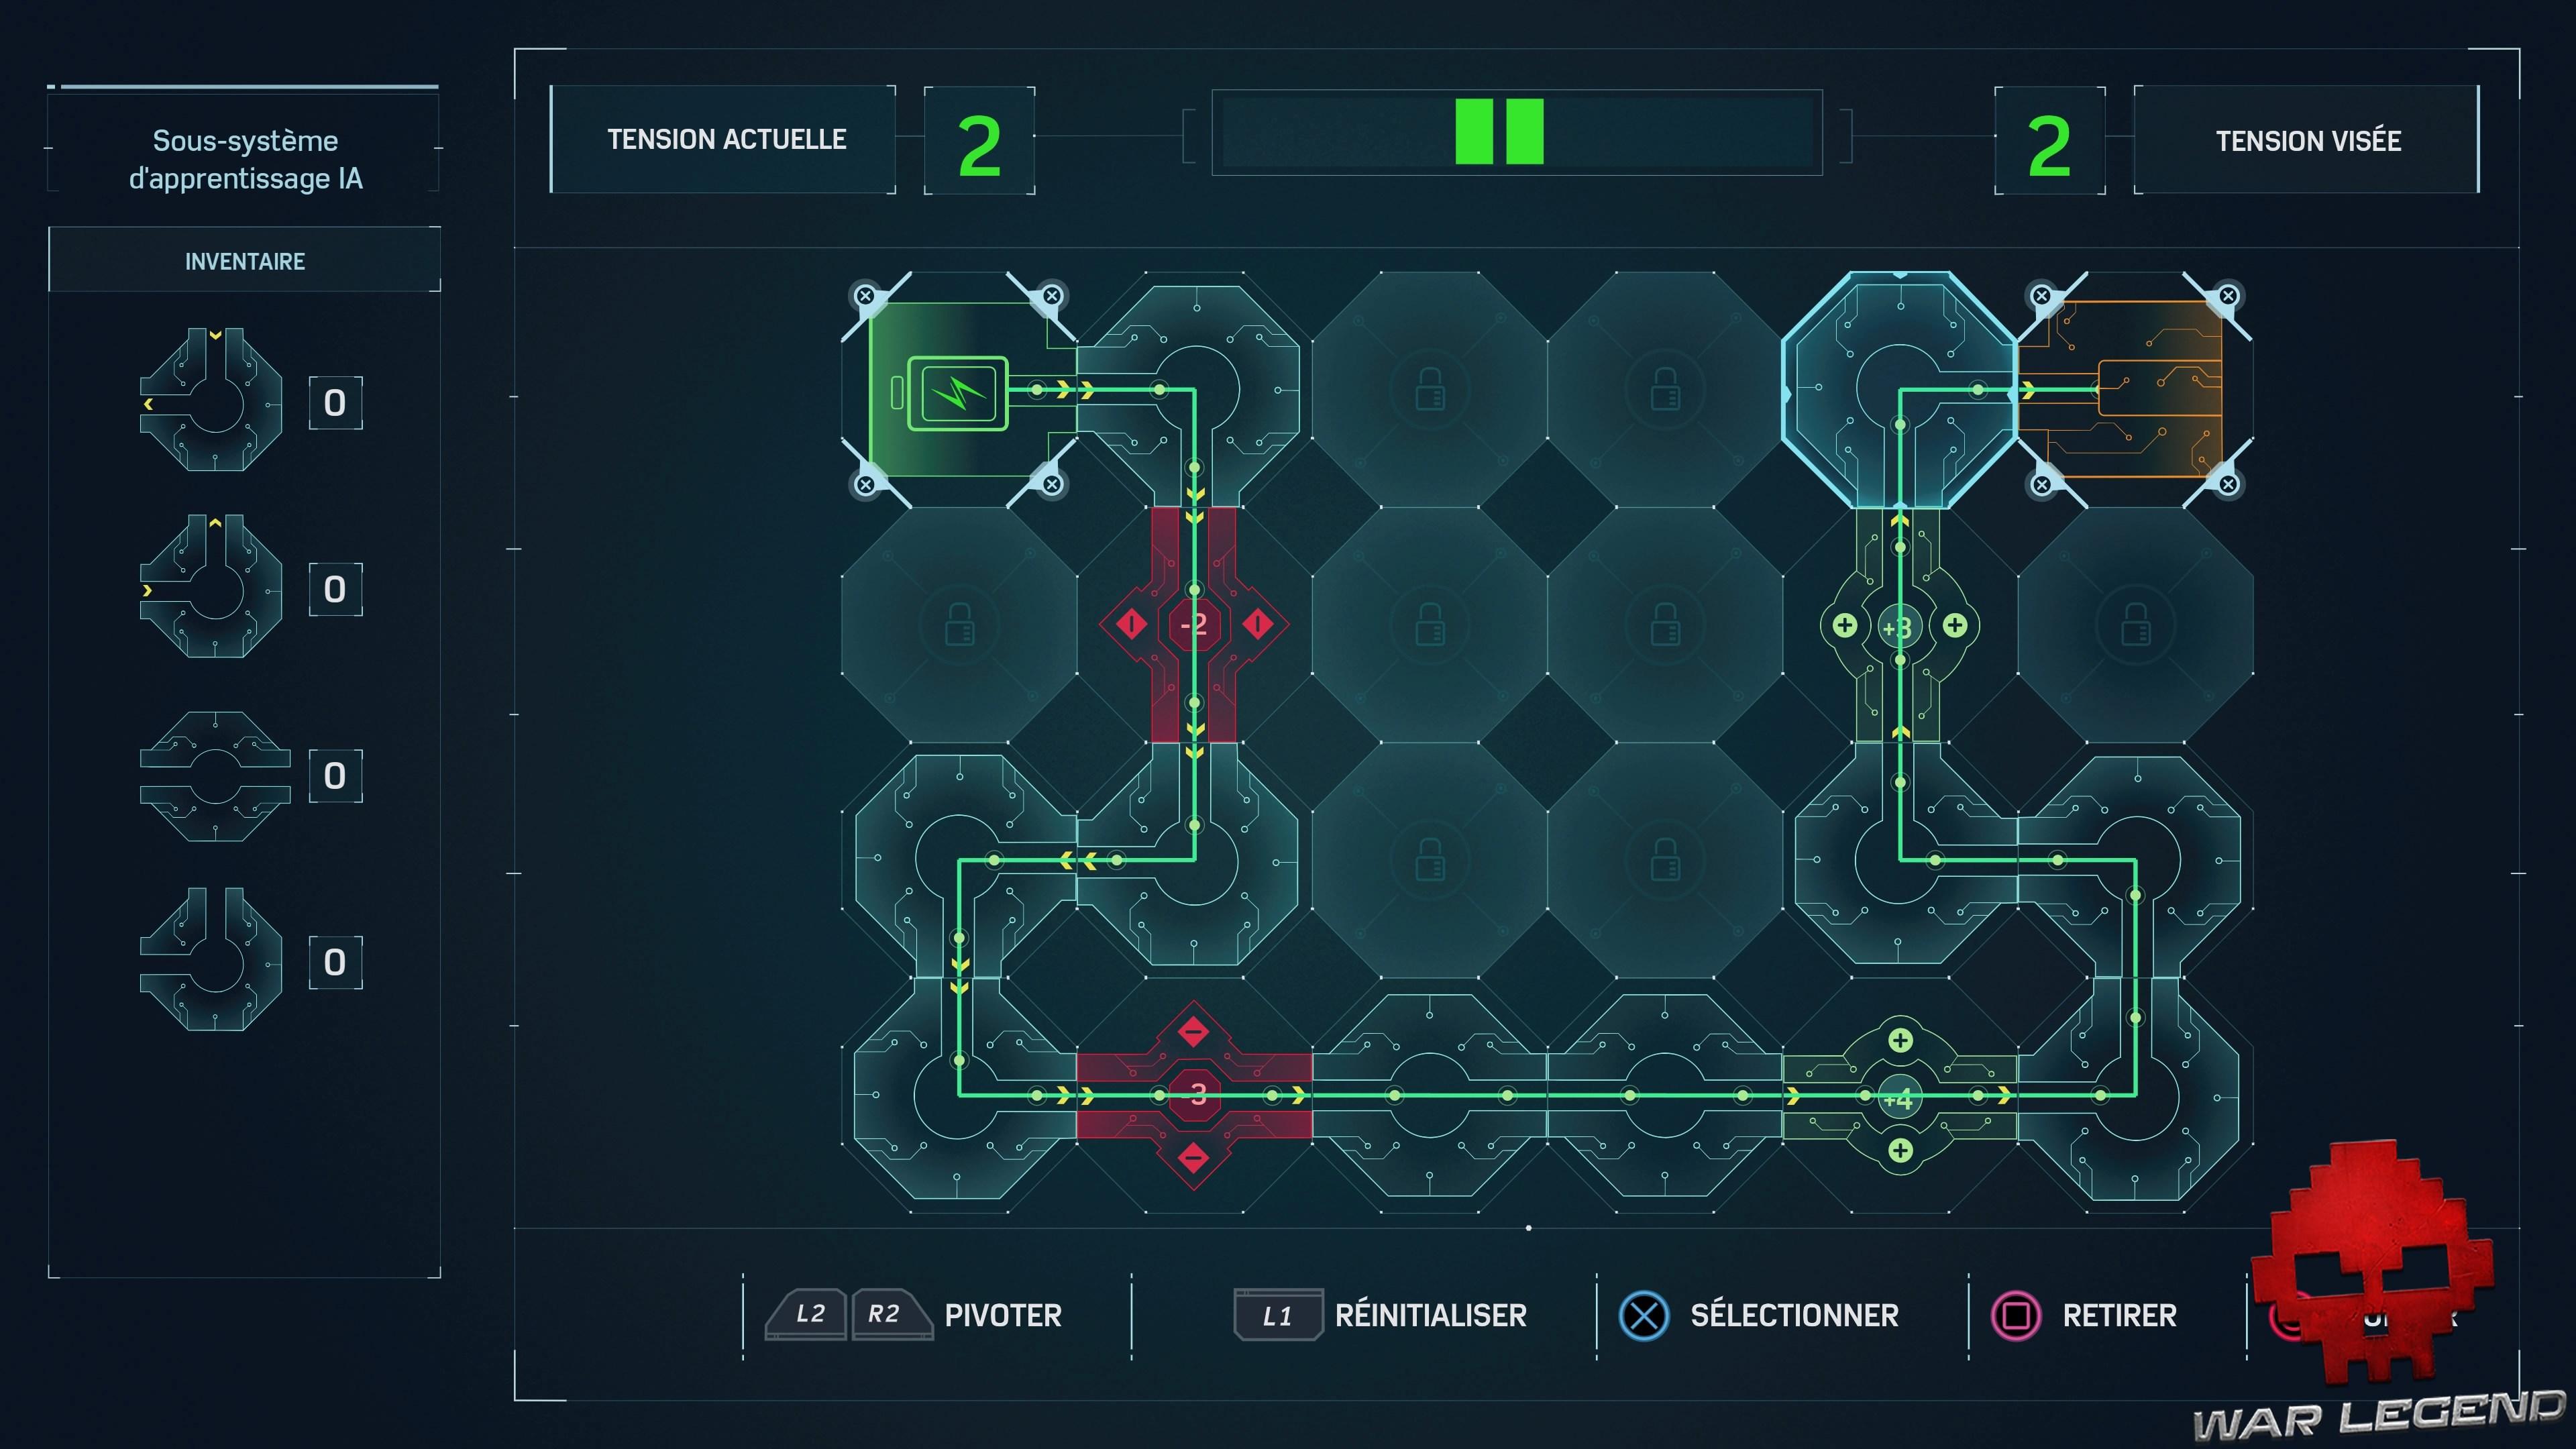 guide Spider-Man Circuits électroniques  Sous-système d'apprentissage IA